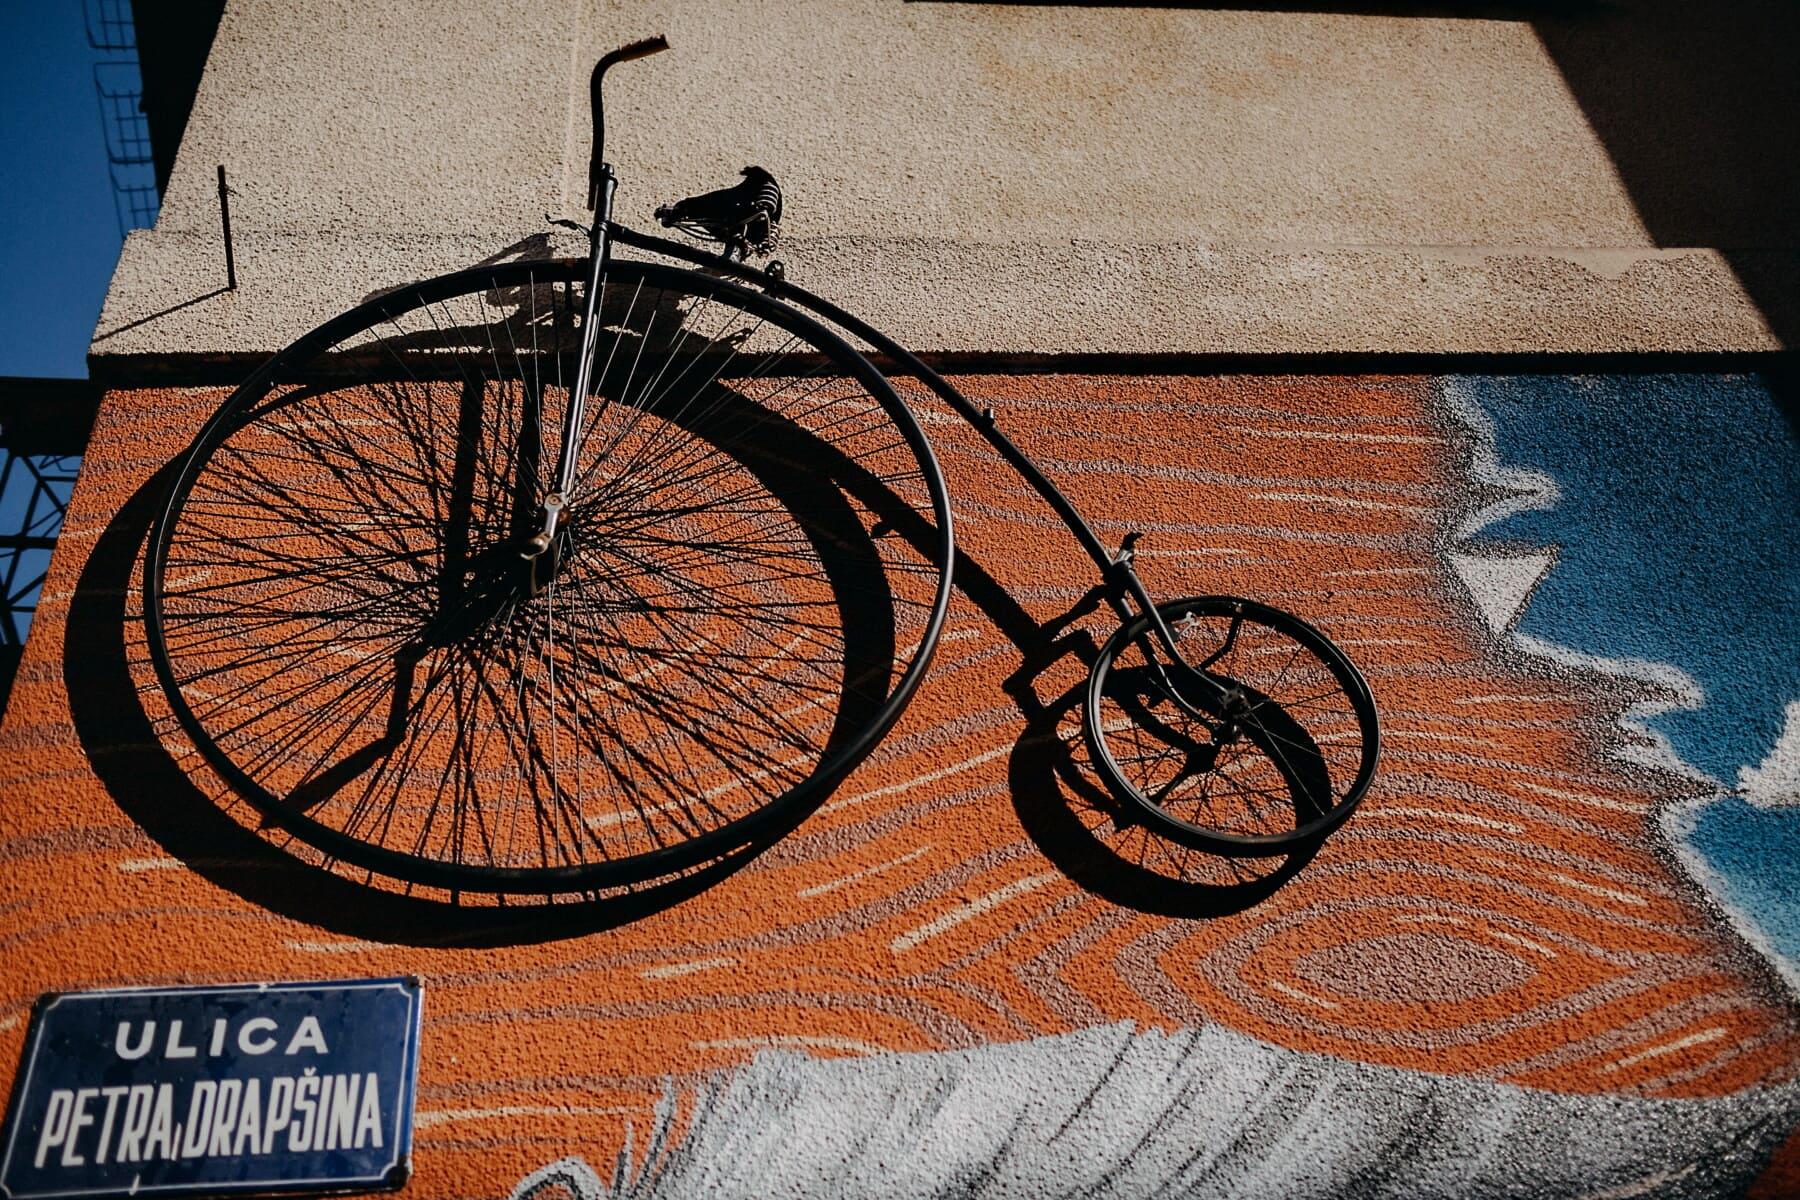 staromódní, staré, jízdní kolo, ročník, předsazení, zeď, graffiti, ulice, litina, kolo